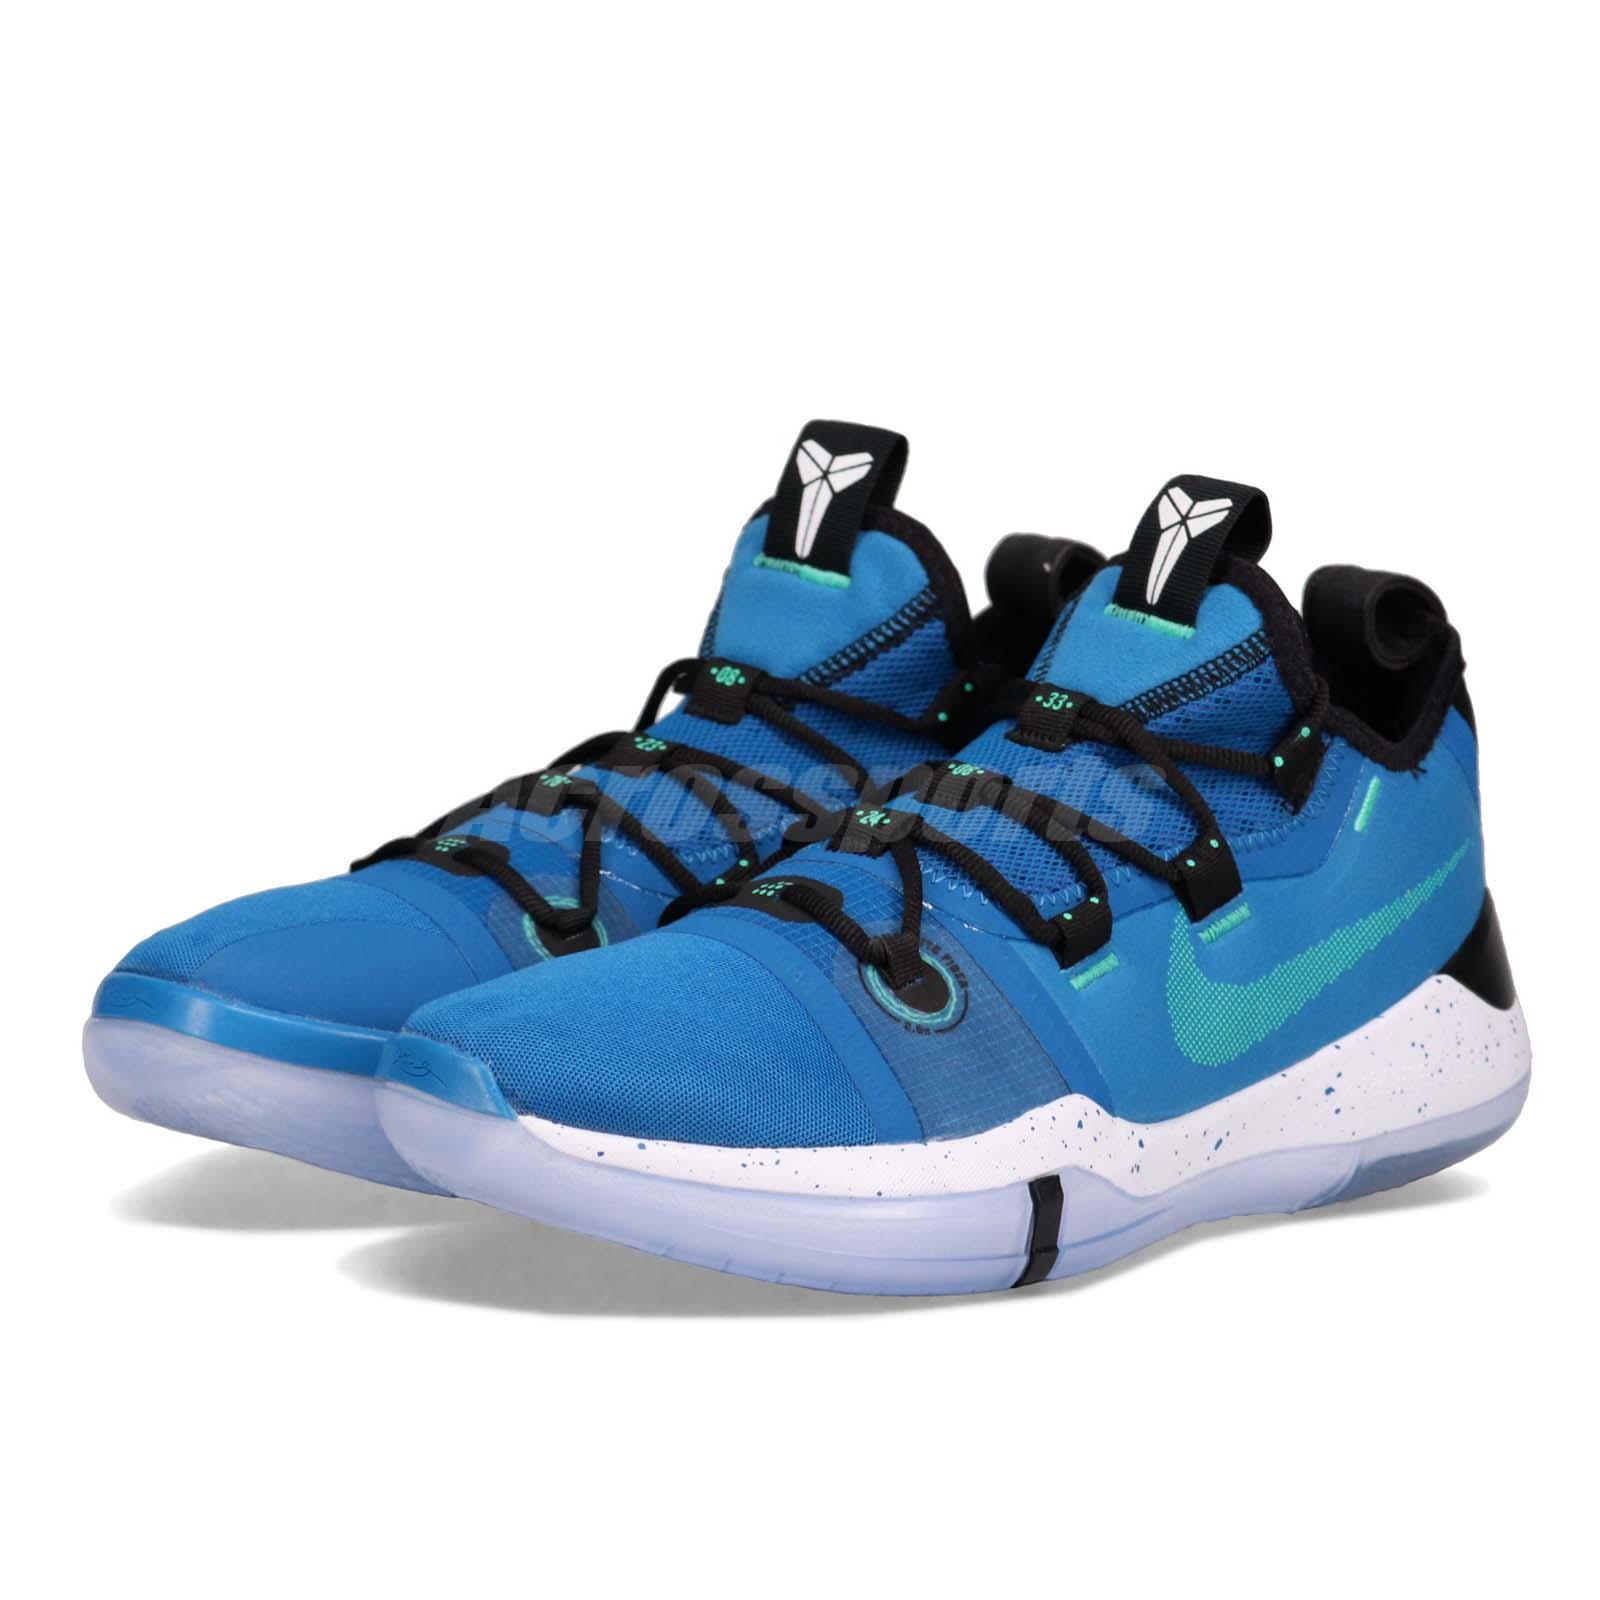 online store f9c7e 2b608 Details about Nike Kobe AD EP Bryant Military Blue Black White Men  Basketball Shoes AV3556-400